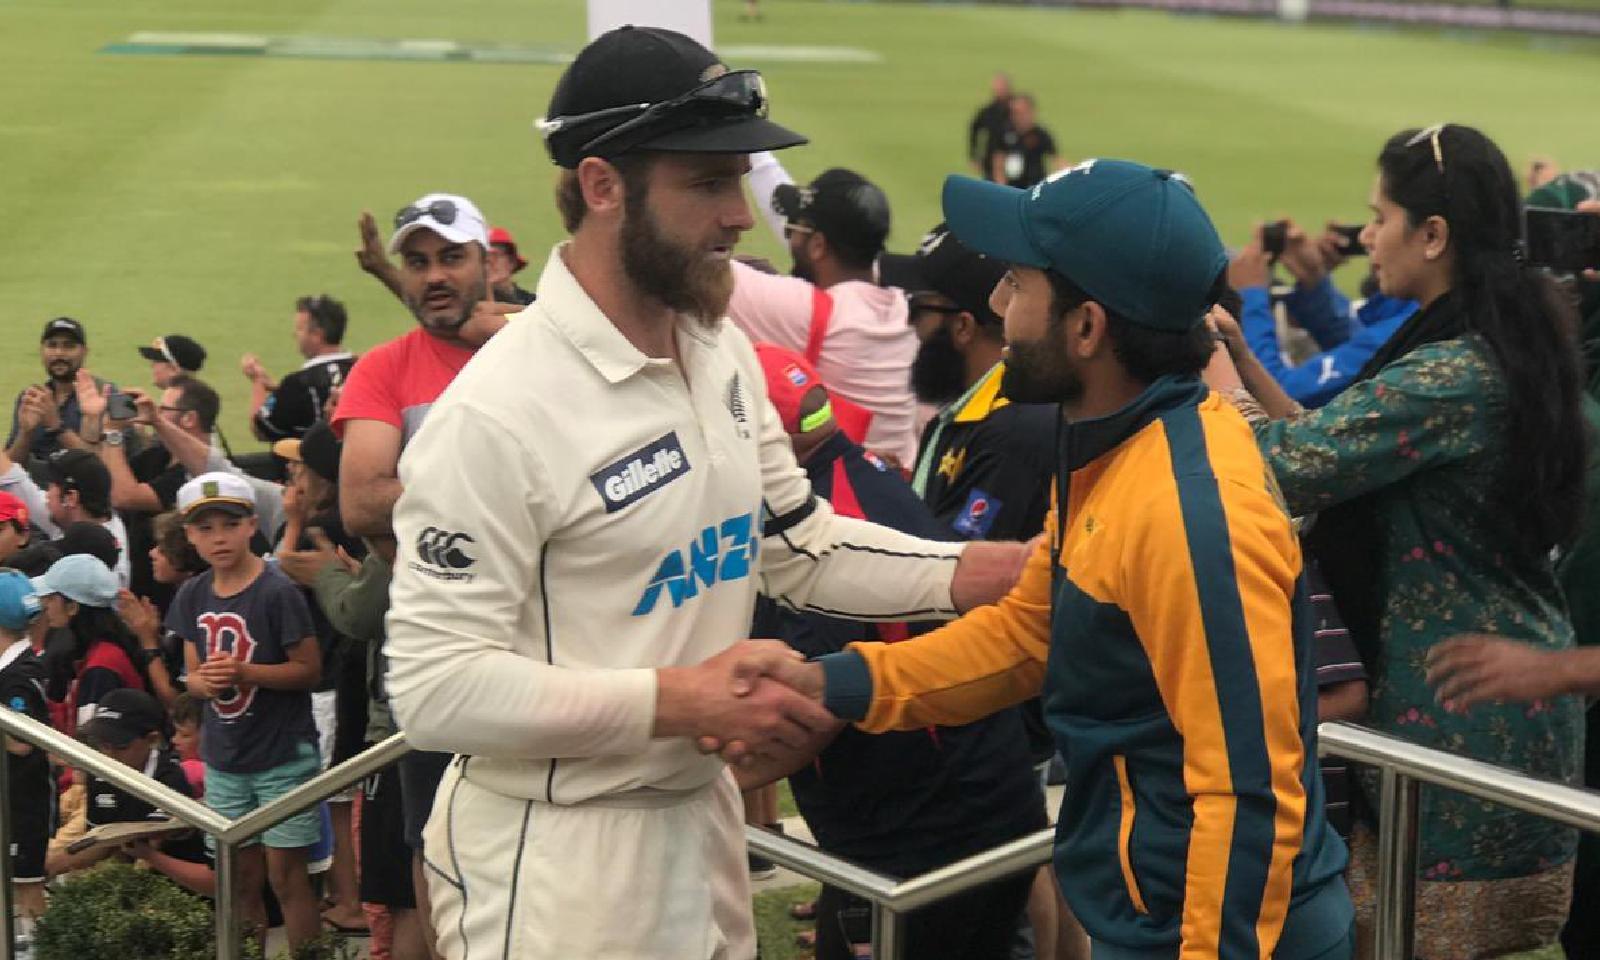 نیوزی لینڈ نے سیریز میں ایک صفر کی برتری حاصل کینیوزی لینڈ نے دوسری اننگز میں پاکستان کی پوری ٹیم کو 271 رنز پر آؤٹ کیا—فوٹو: بلیک کیپس ٹوئٹر